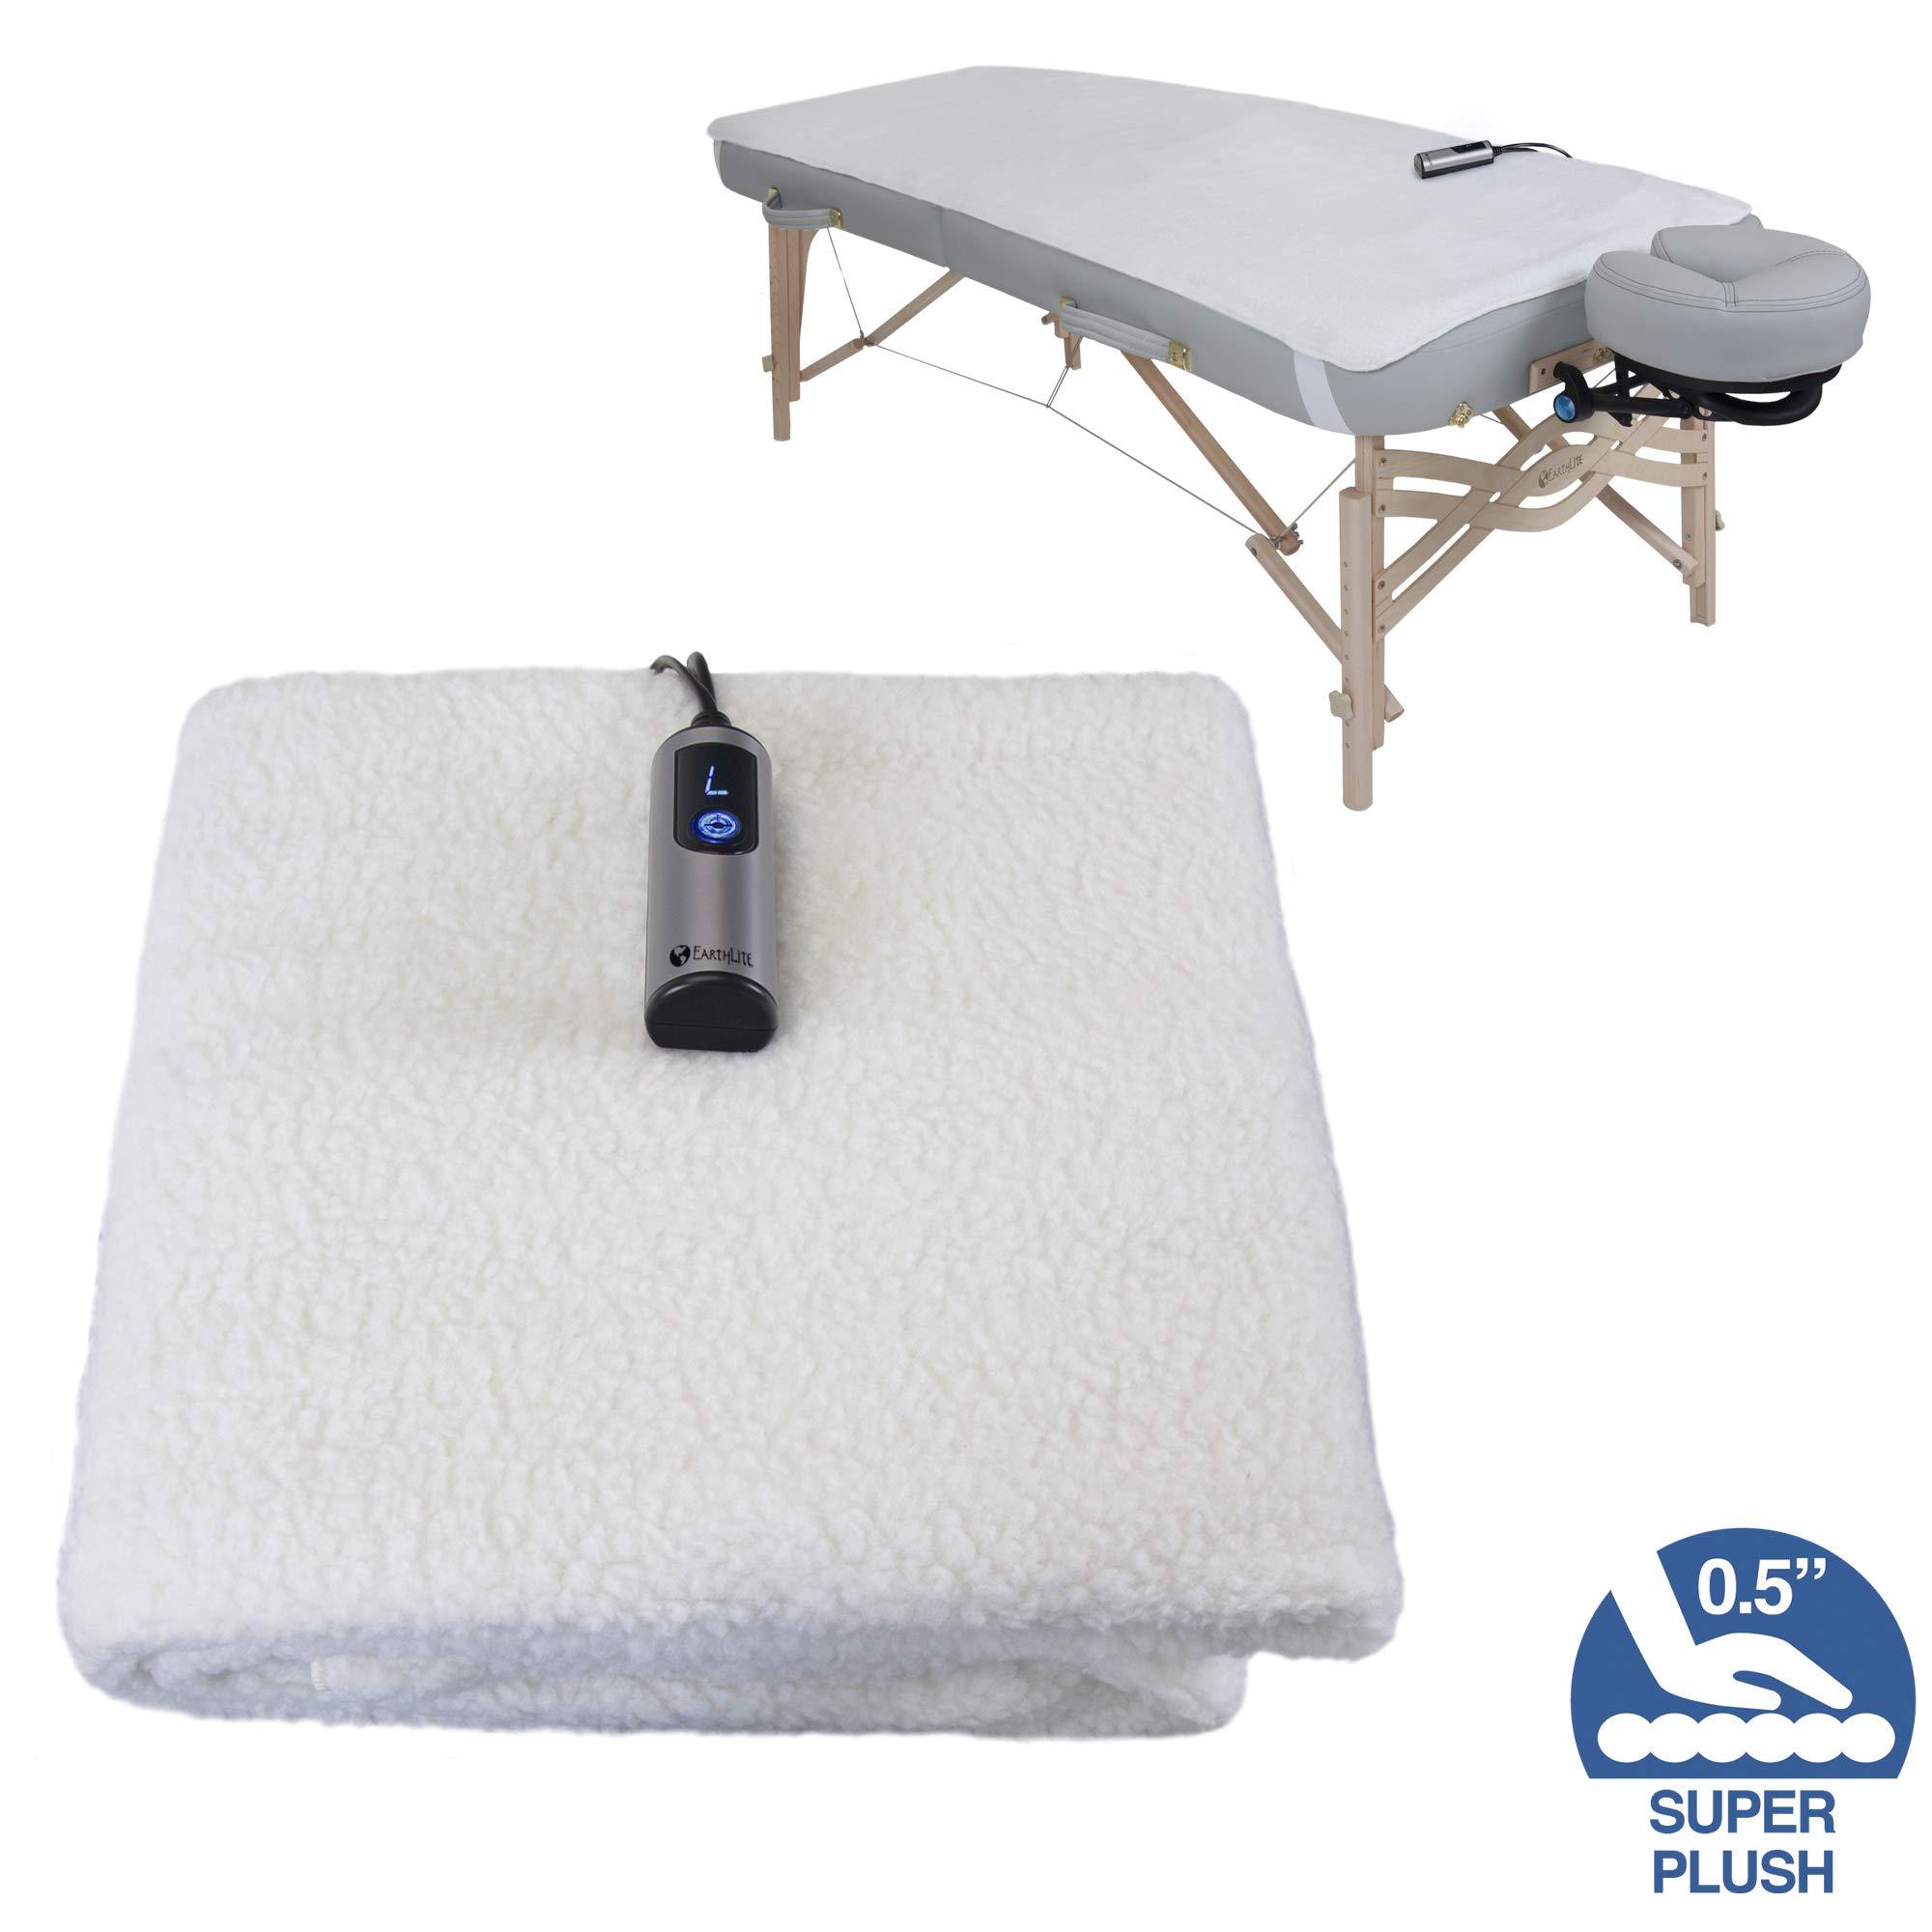 EARTHLITE Massage Table Warmer & Fleece Pad (2 in 1) - 3 Heat Settings, Cozy 0.5'' Fleece - Updated Controller (30 x 72) by EARTHLITE